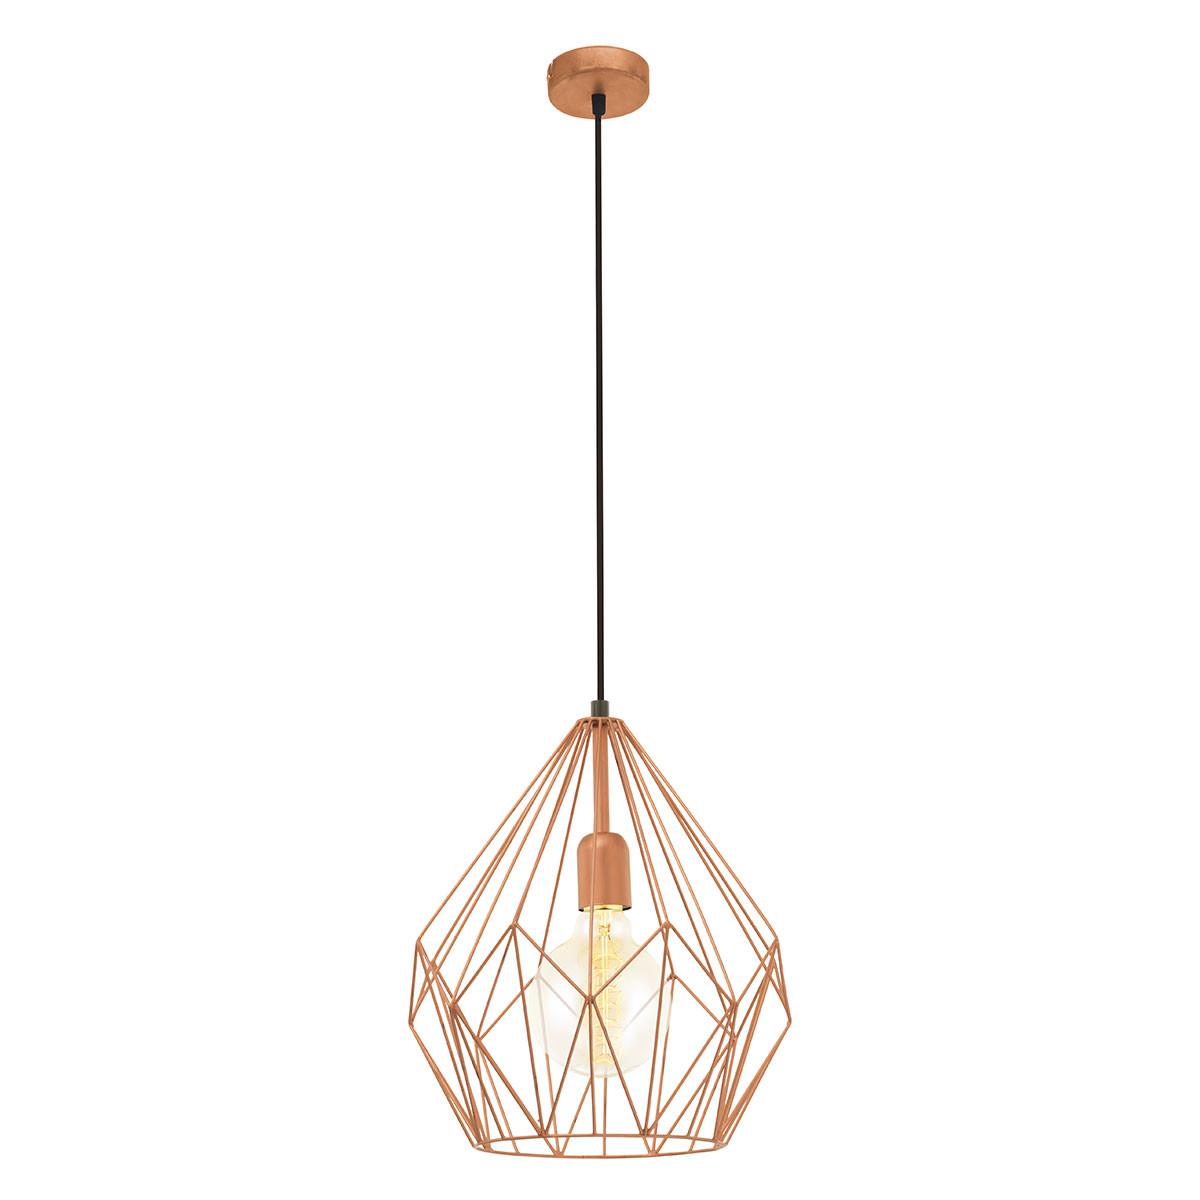 Φωτιστικό Οροφής Μονόφωτο Eglo Carlton 49258